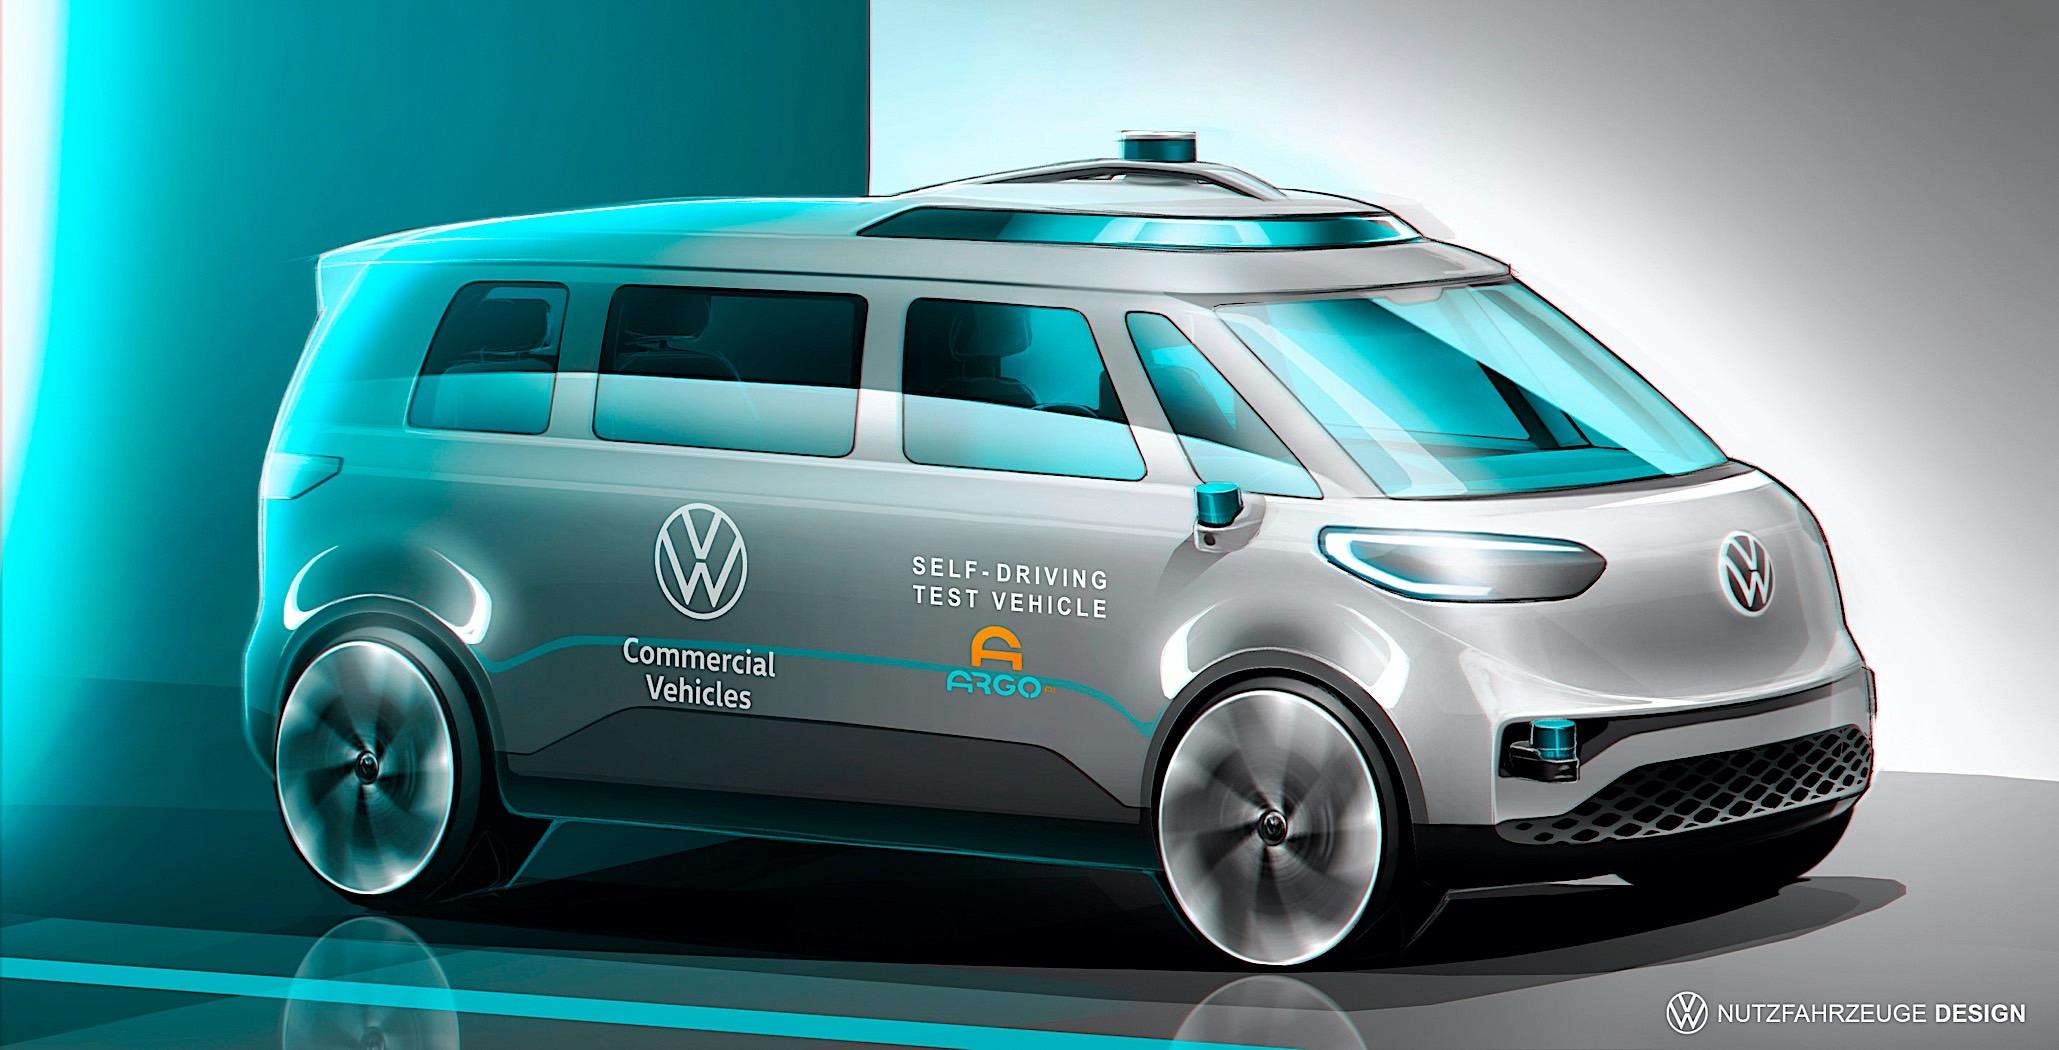 Το VW ID.Buzz έρχεται με αυτόνομη λειτουργία;